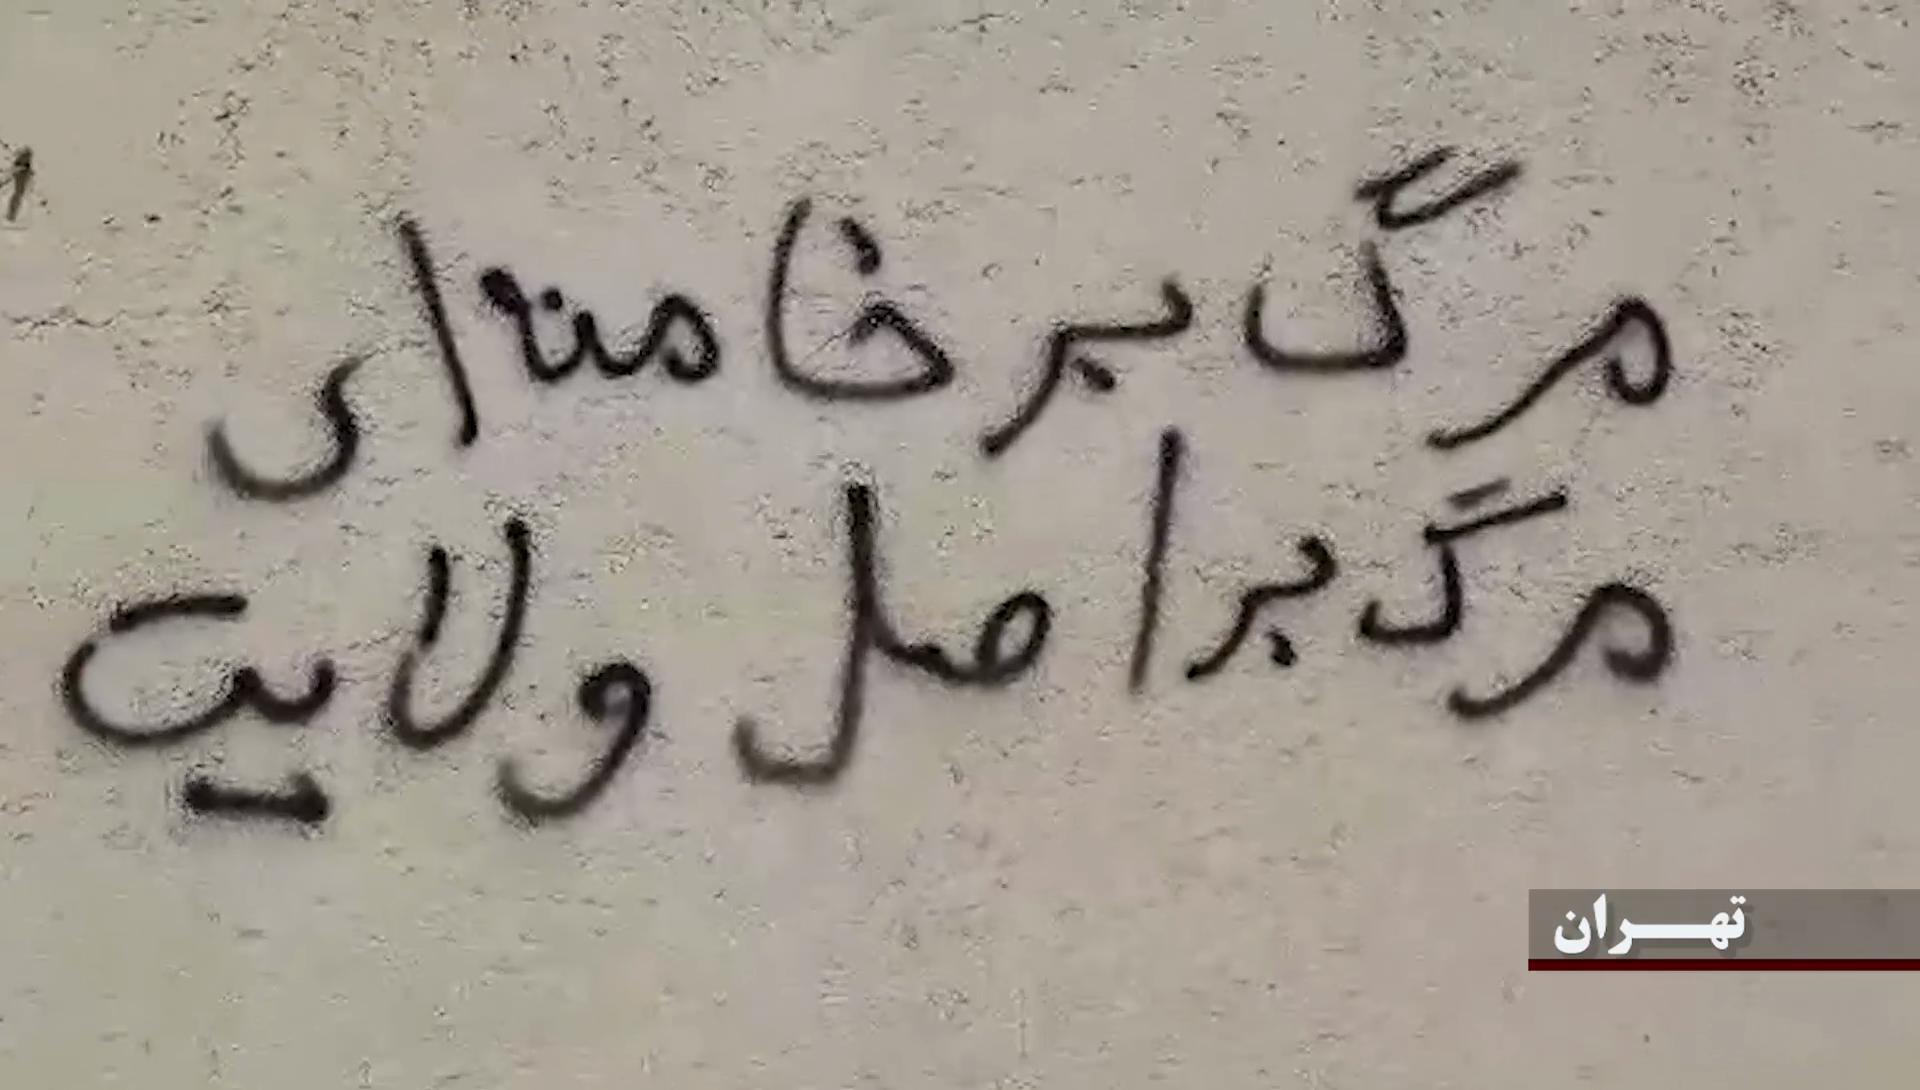 تهران - جنبش دادخواهی